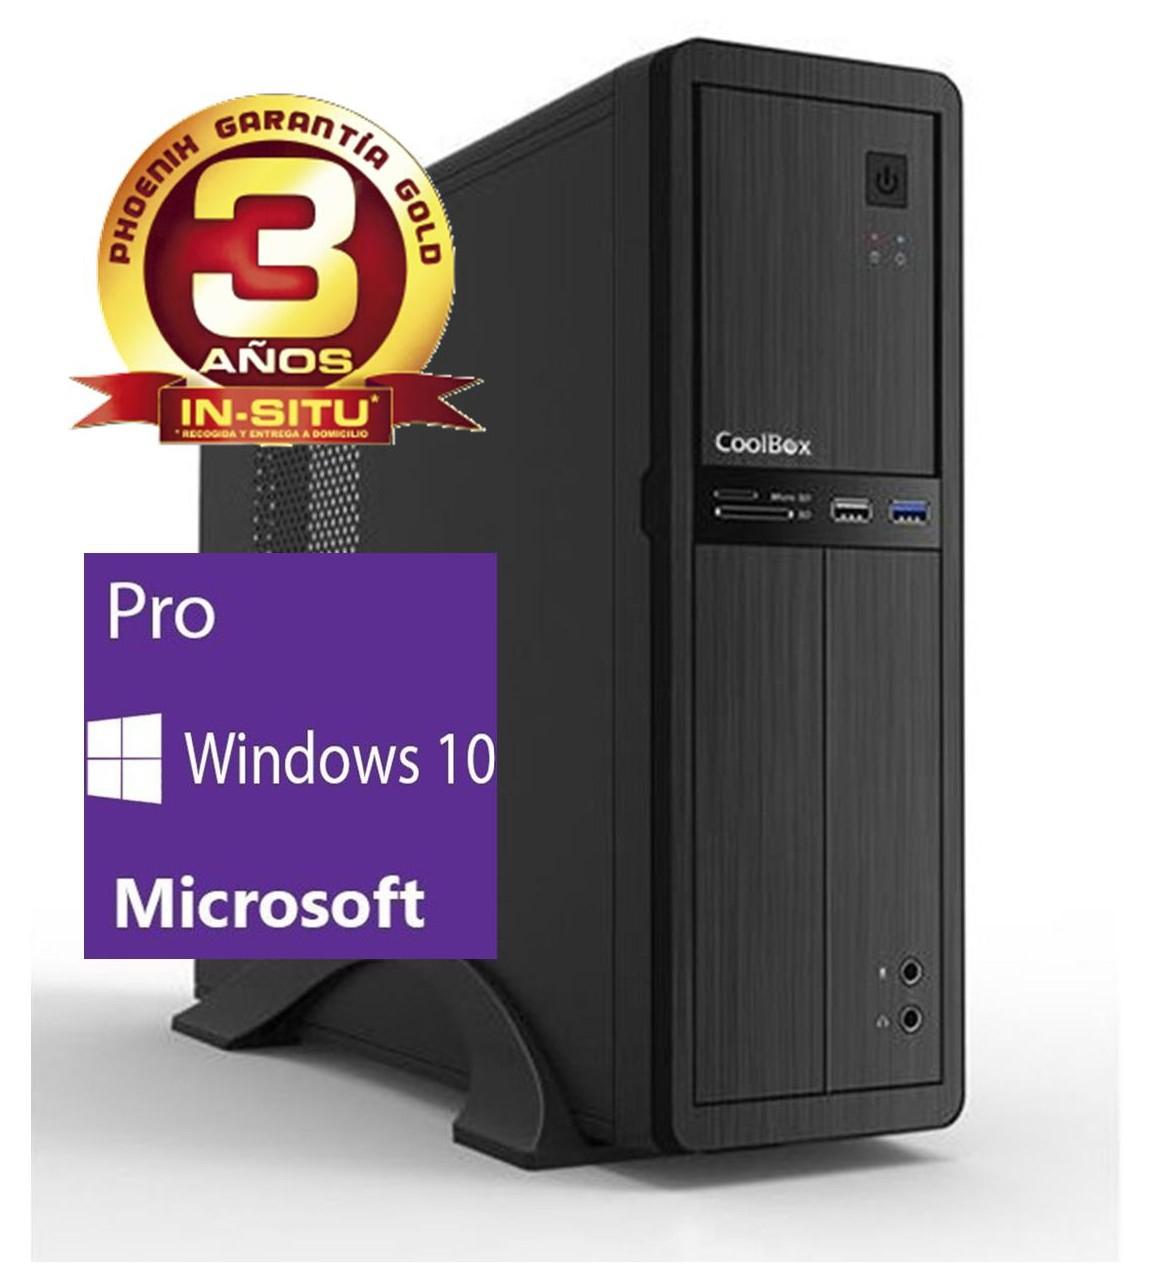 ORDENADOR DE OFICINA PHOENIX OBERON PRO INTEL CORE I5 6º GEN 8GB DDR4 1 TB RW MICRO ATX SLIM WINDOWS 10 PROFESIONAL PC SOBREMESA